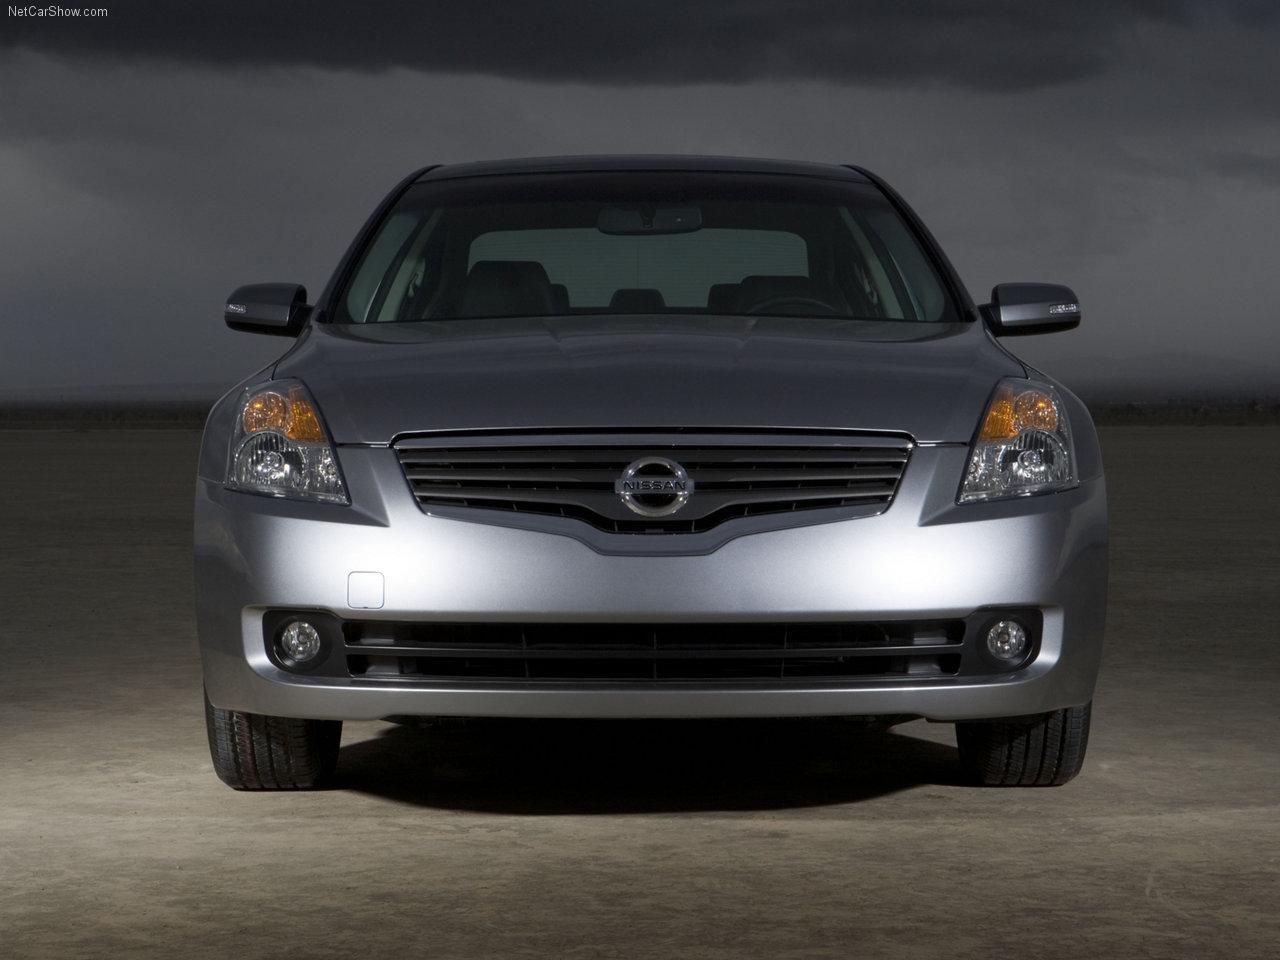 http://1.bp.blogspot.com/-Mid57LqH9Ak/TXR_P-Sjb4I/AAAAAAAADnE/ov23ELHvh8s/s1600/Nissan-Altima_2007_1280x960_wallpaper_07.jpg